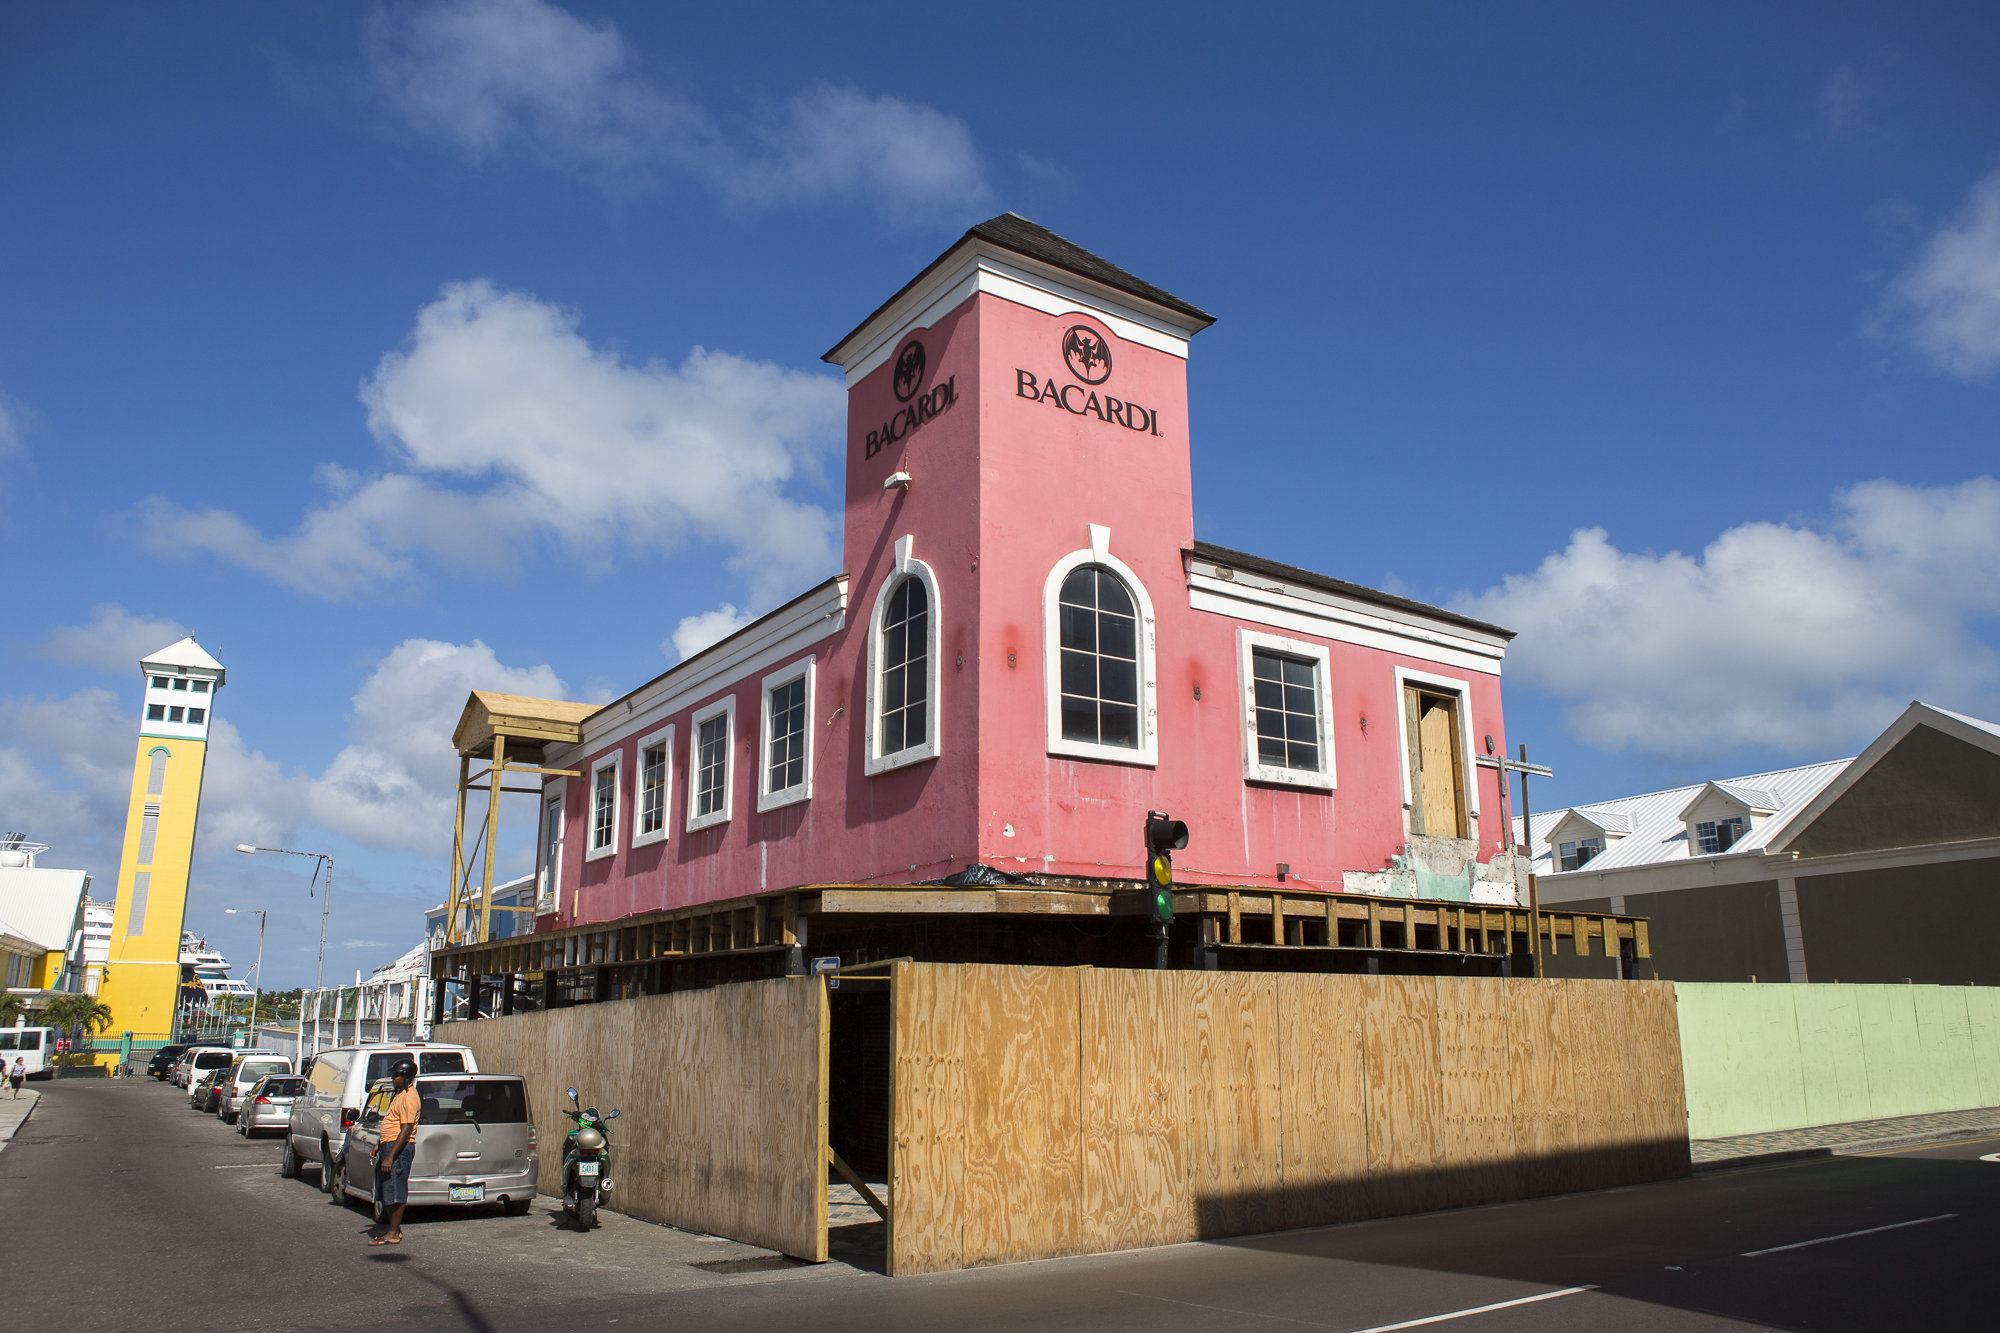 BACARDI STORE | Nassau, Bahamas